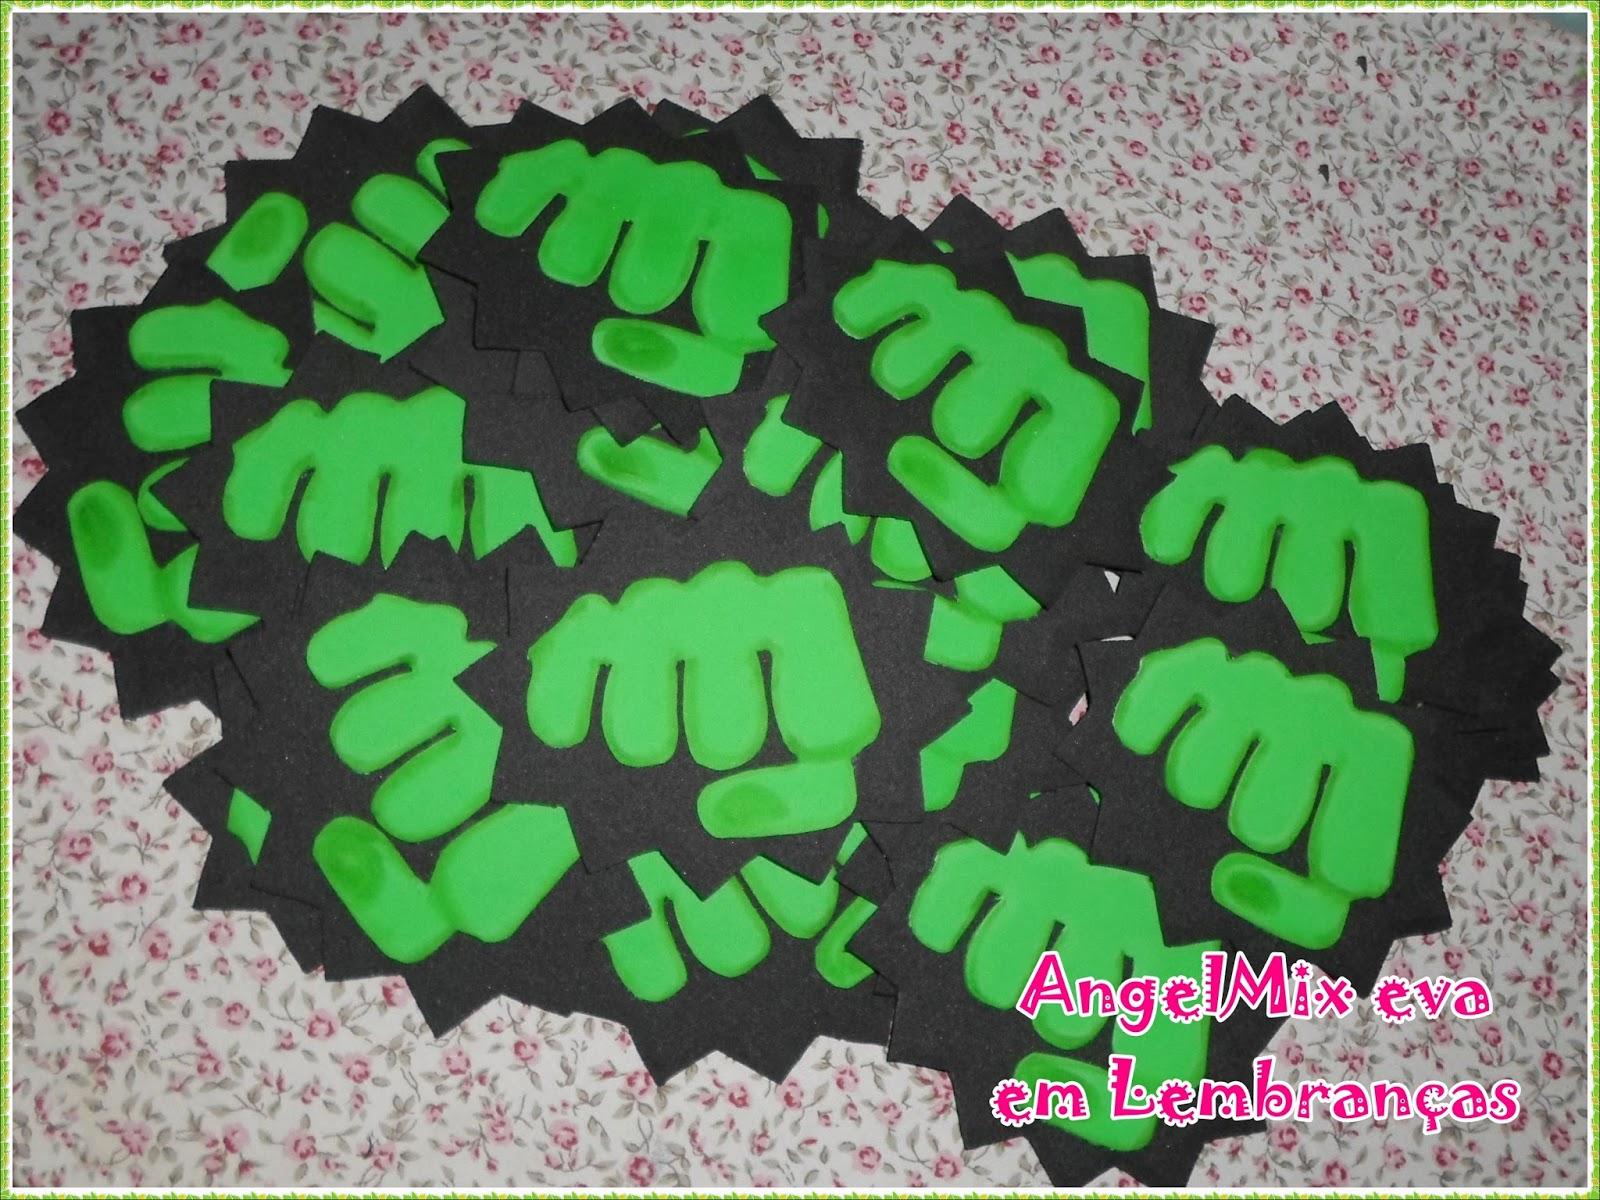 Angelmix E V A Em Lembrancas Hulk